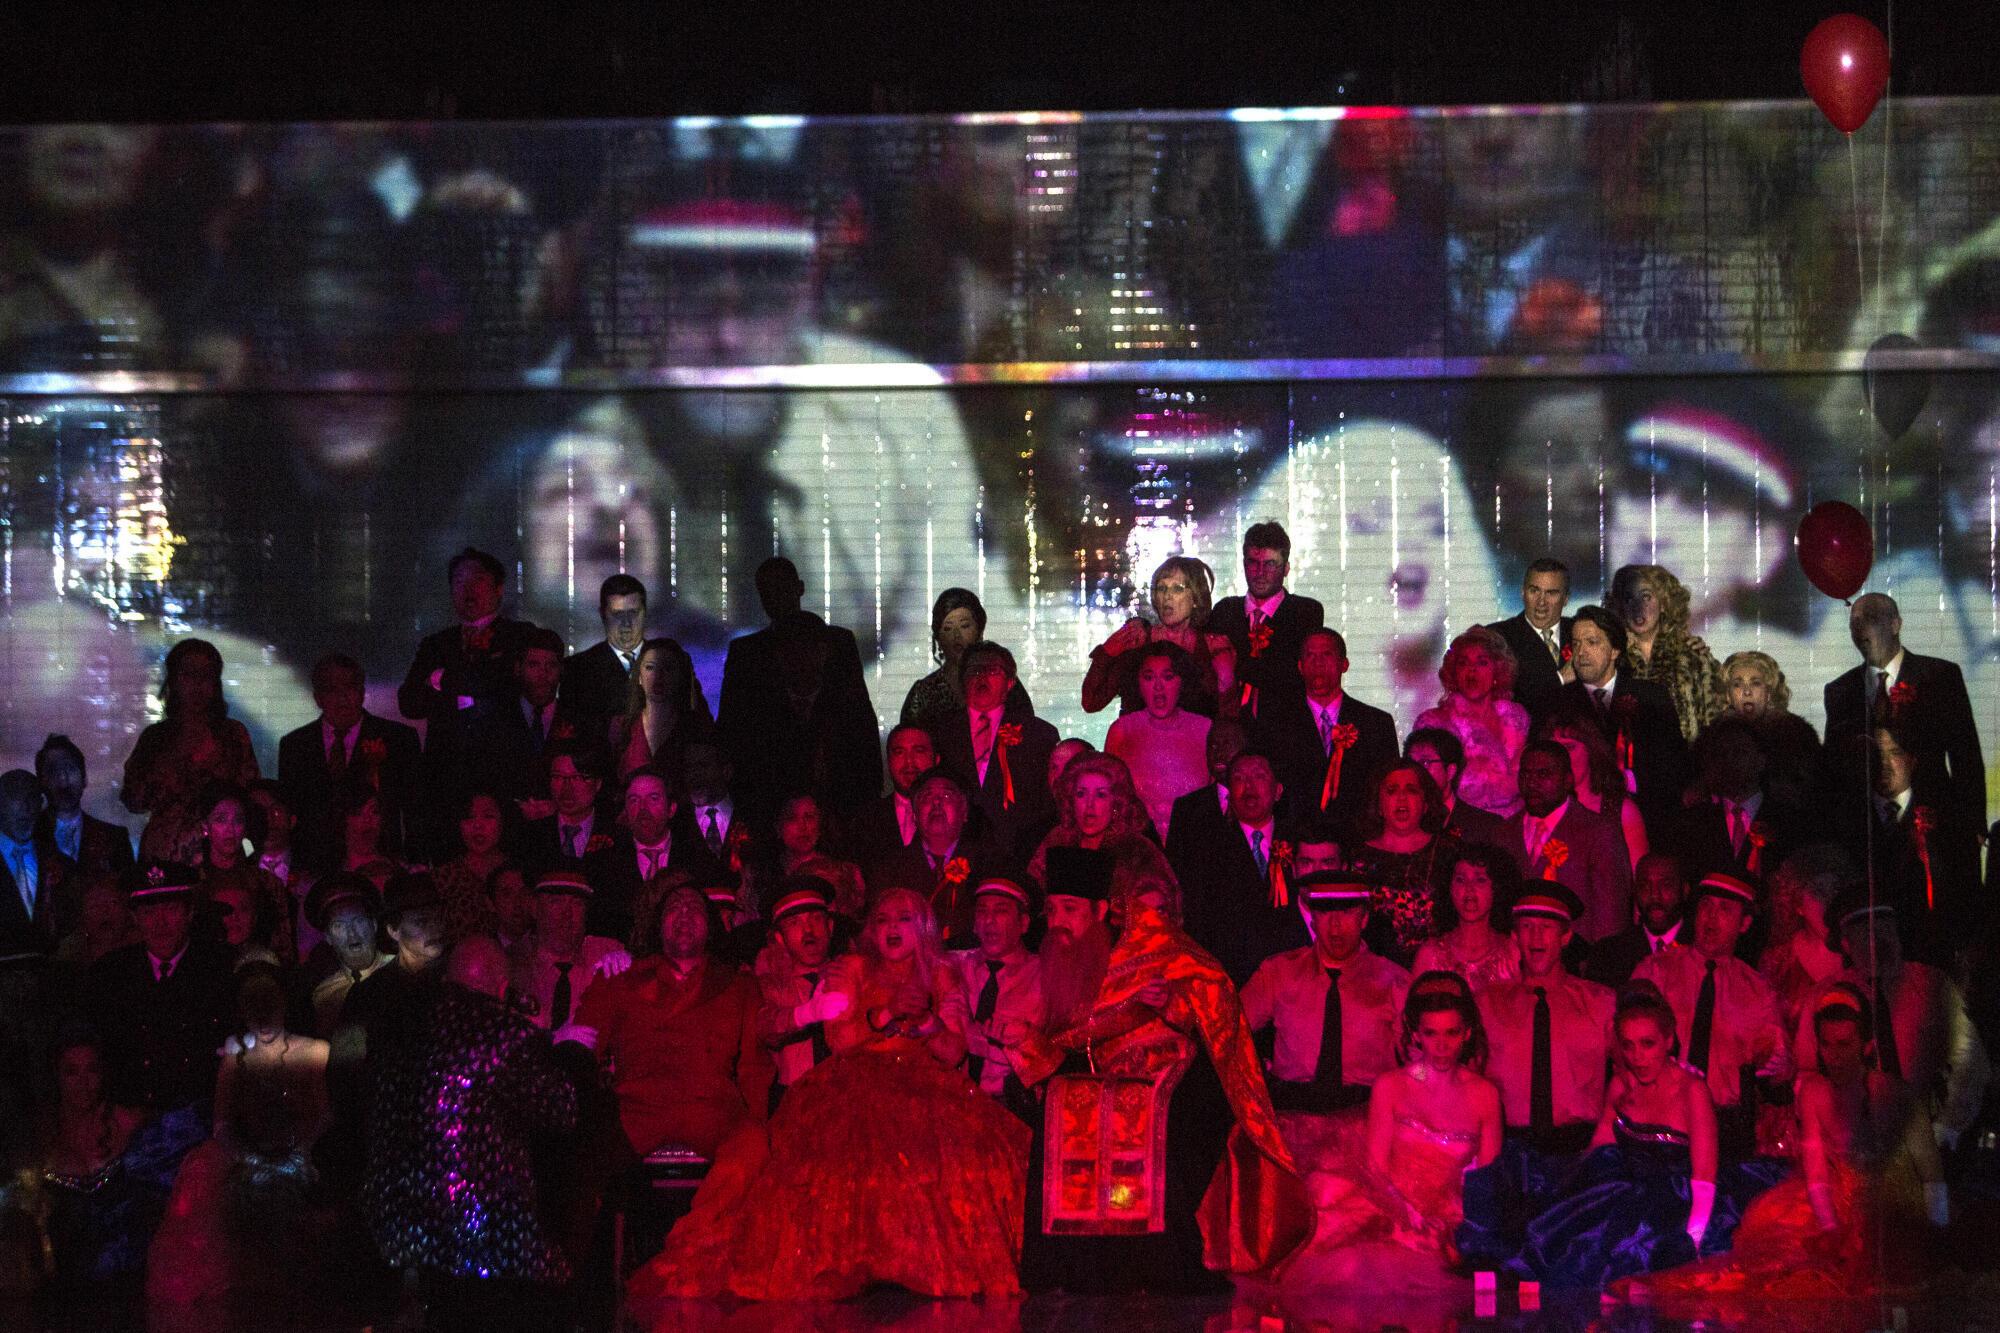 «Леди Макбет Мценского уезда» на сцене Парижской оперы. Второй акт, сцена свадьбы.  Апрель 2019 г.